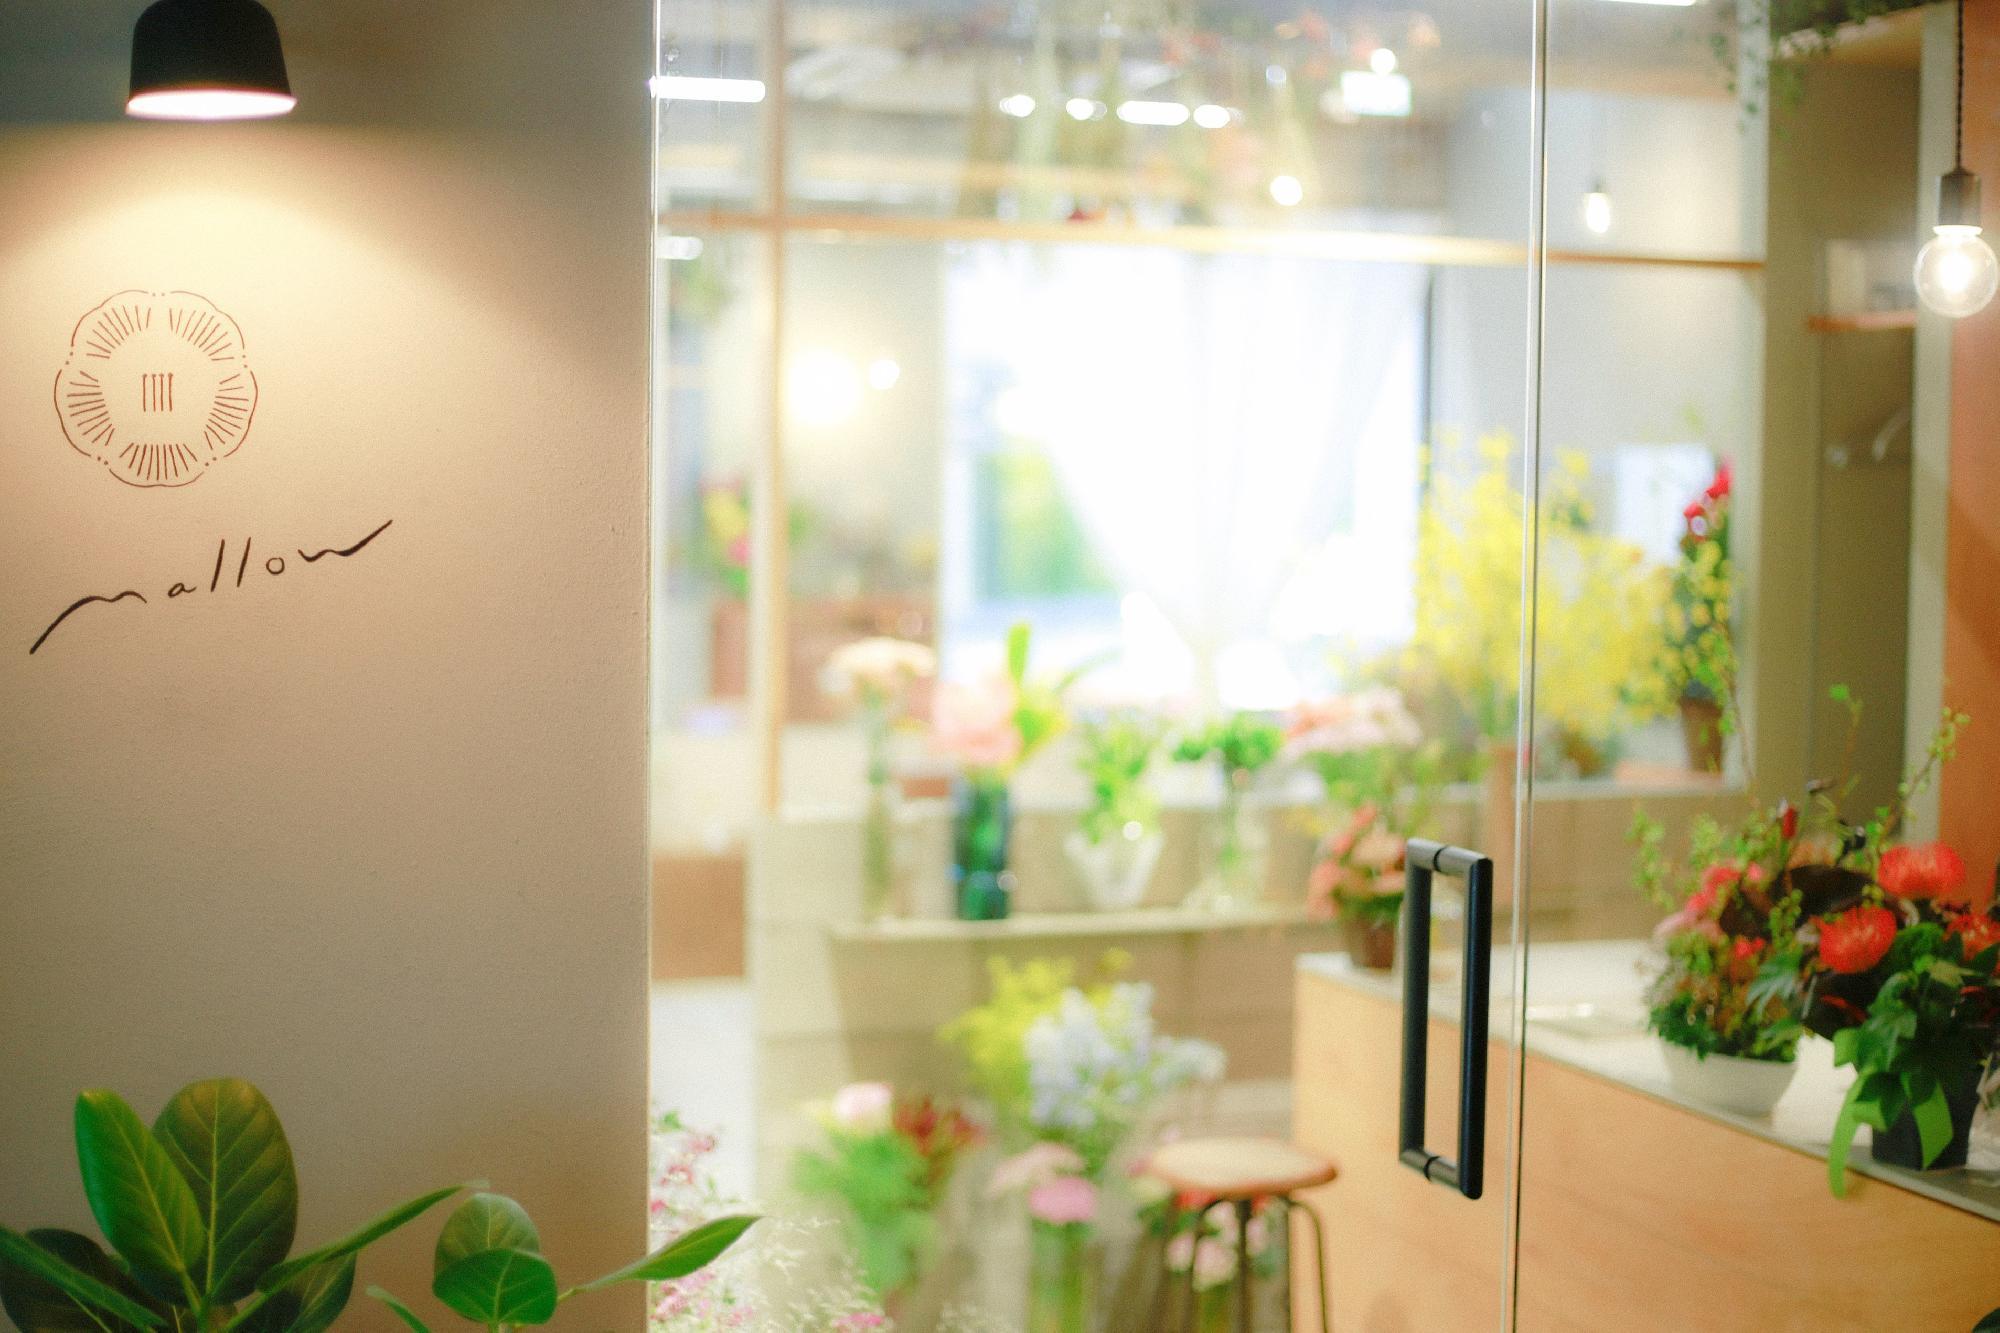 光が差し込み店内はとても綺麗で引き込まれます! 受付フロアがお花屋さんになっています!